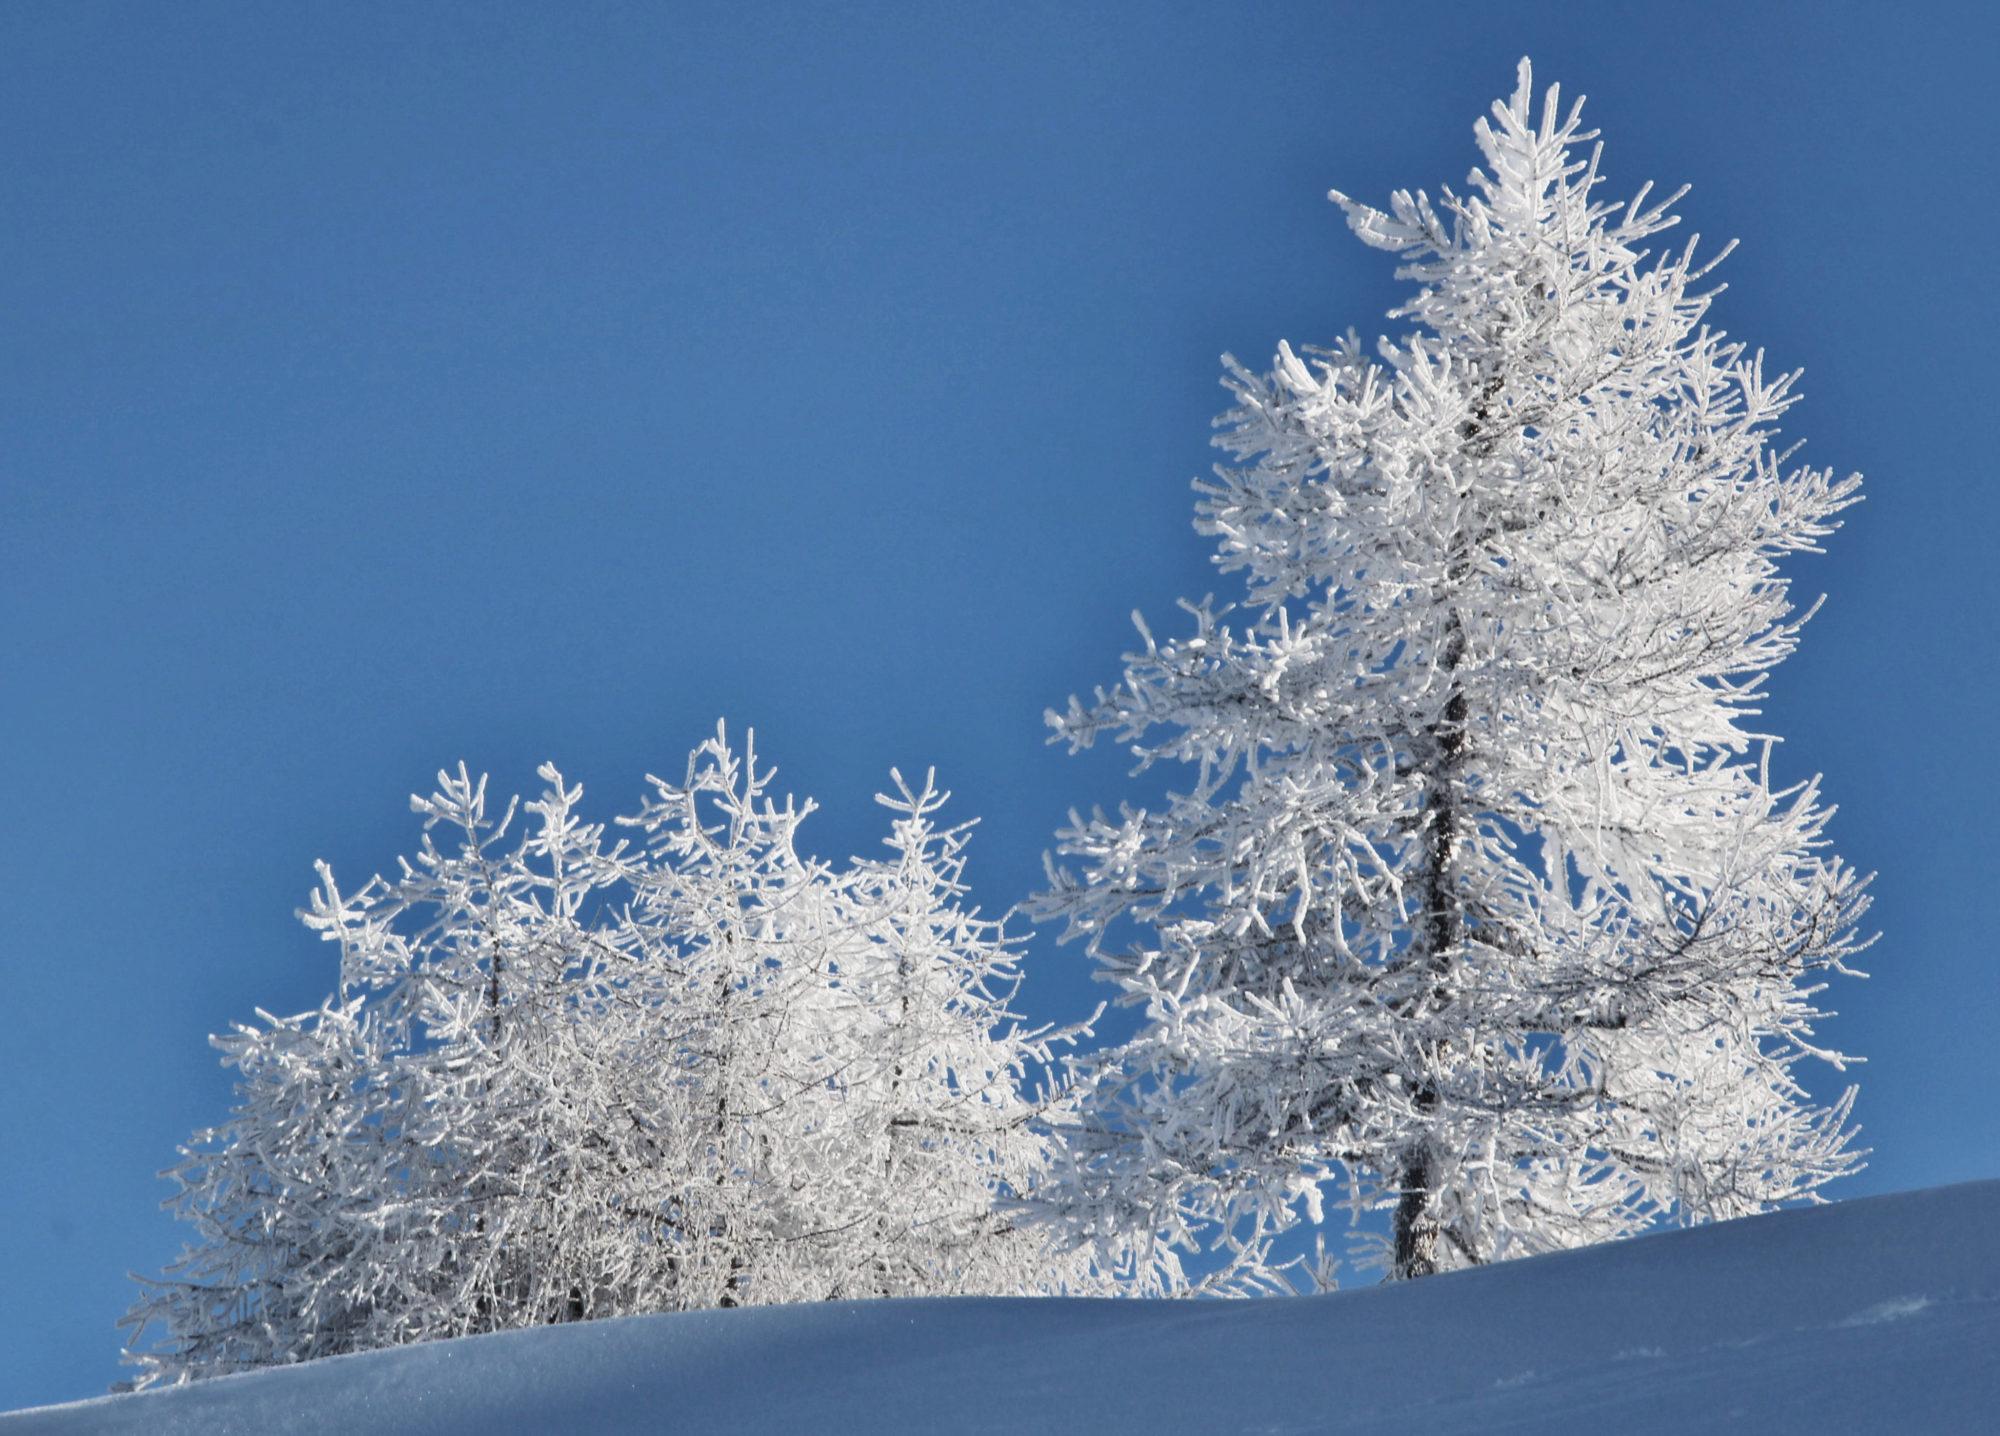 Schneebedeckt Bäume, Sonne, Brennerberge